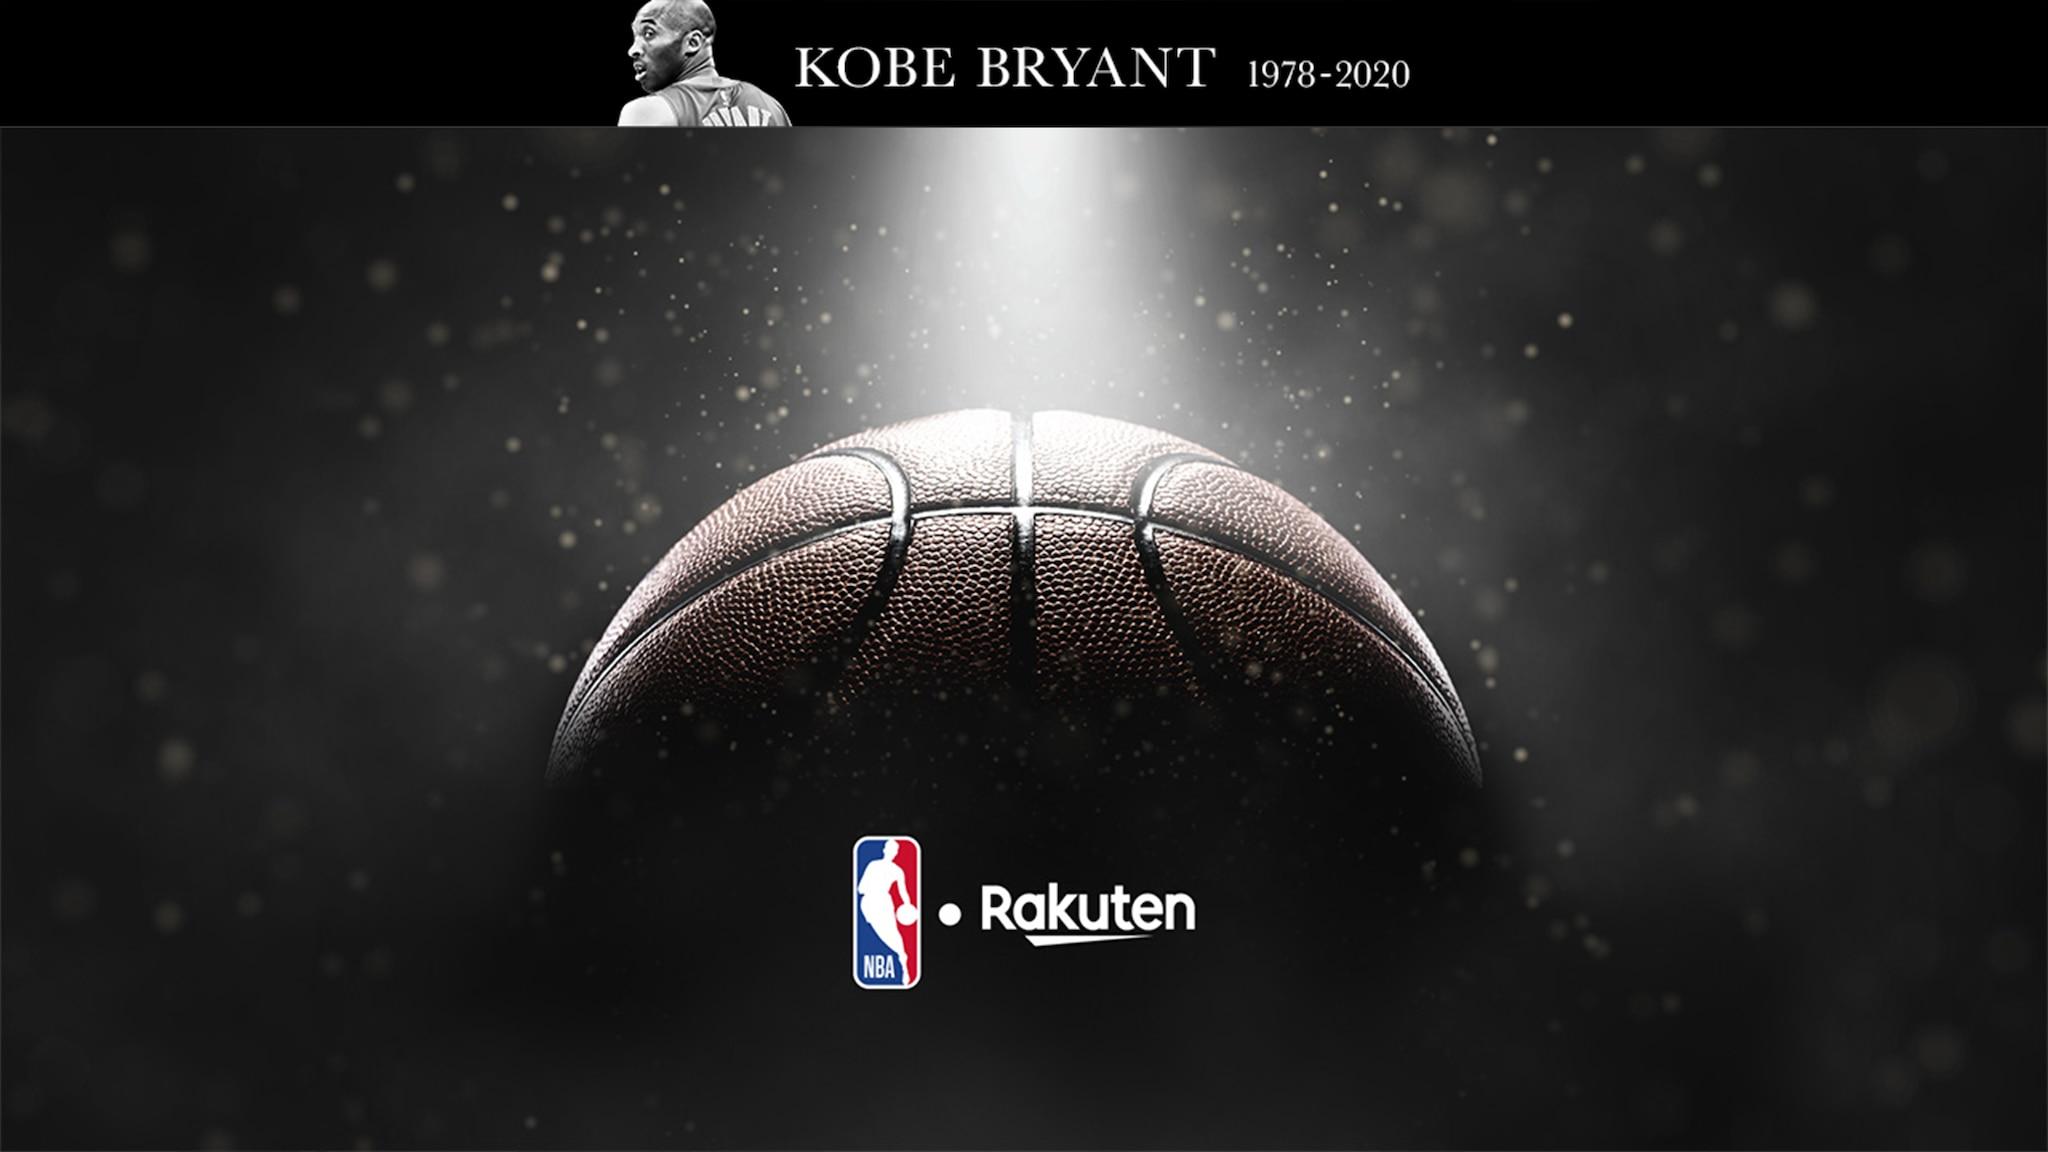 コービー ブライアントが2020年のバスケットボール殿堂入りへ Nba